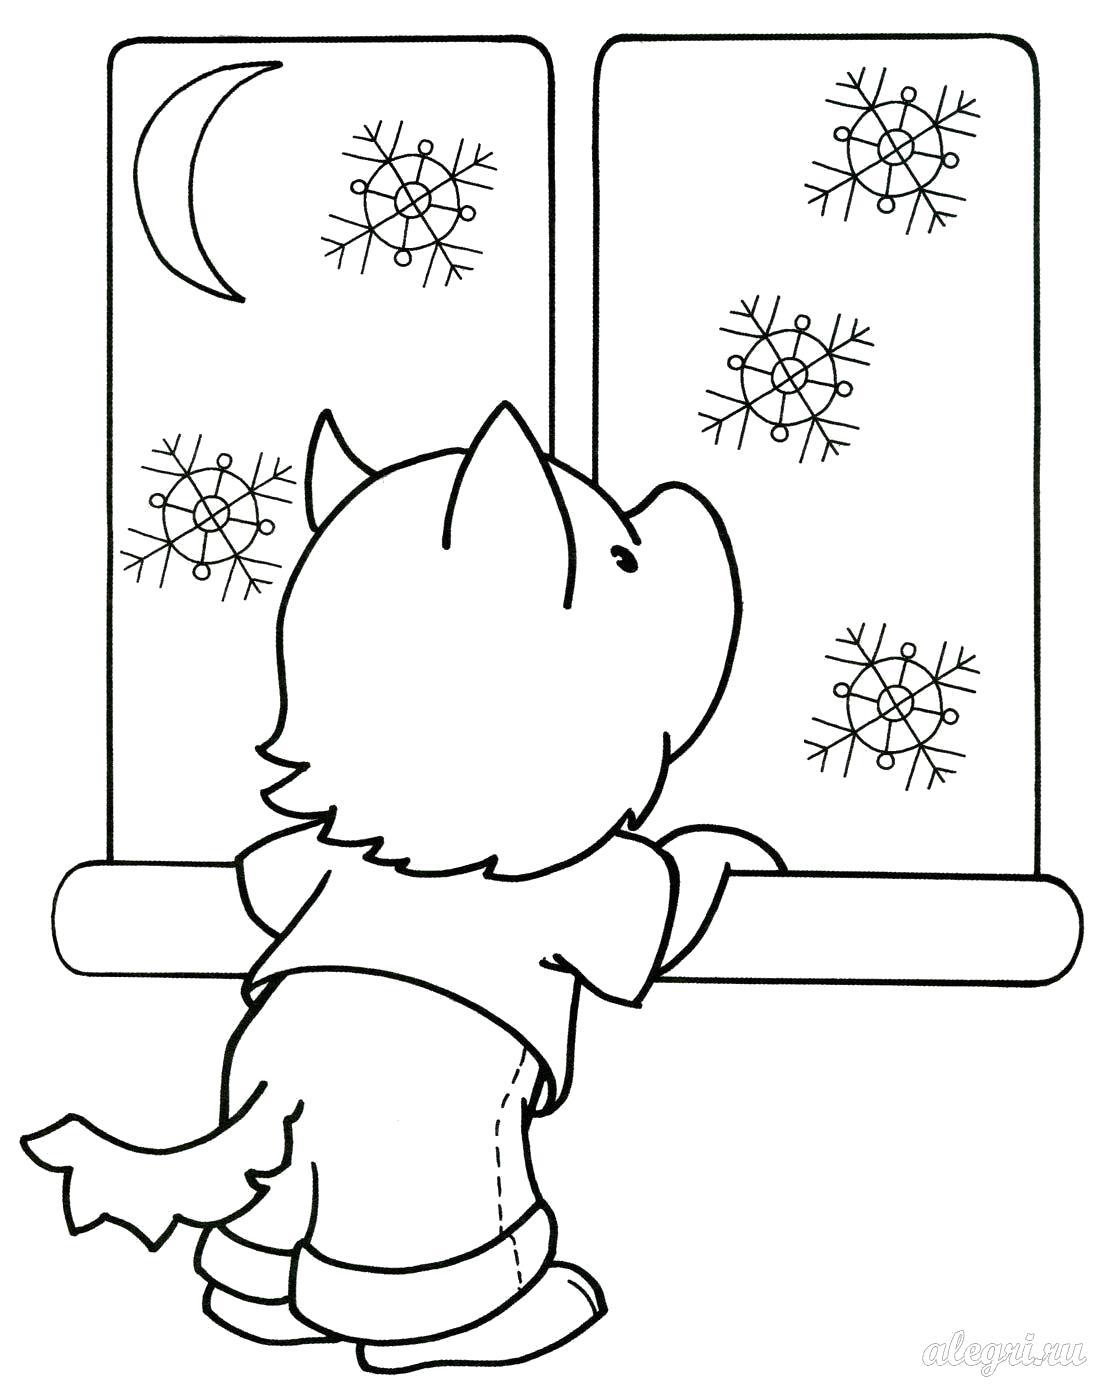 Раскраска собачка смотрит в окно, в окне снег, снежинки, луна. Скачать Зимние.  Распечатать Зимние